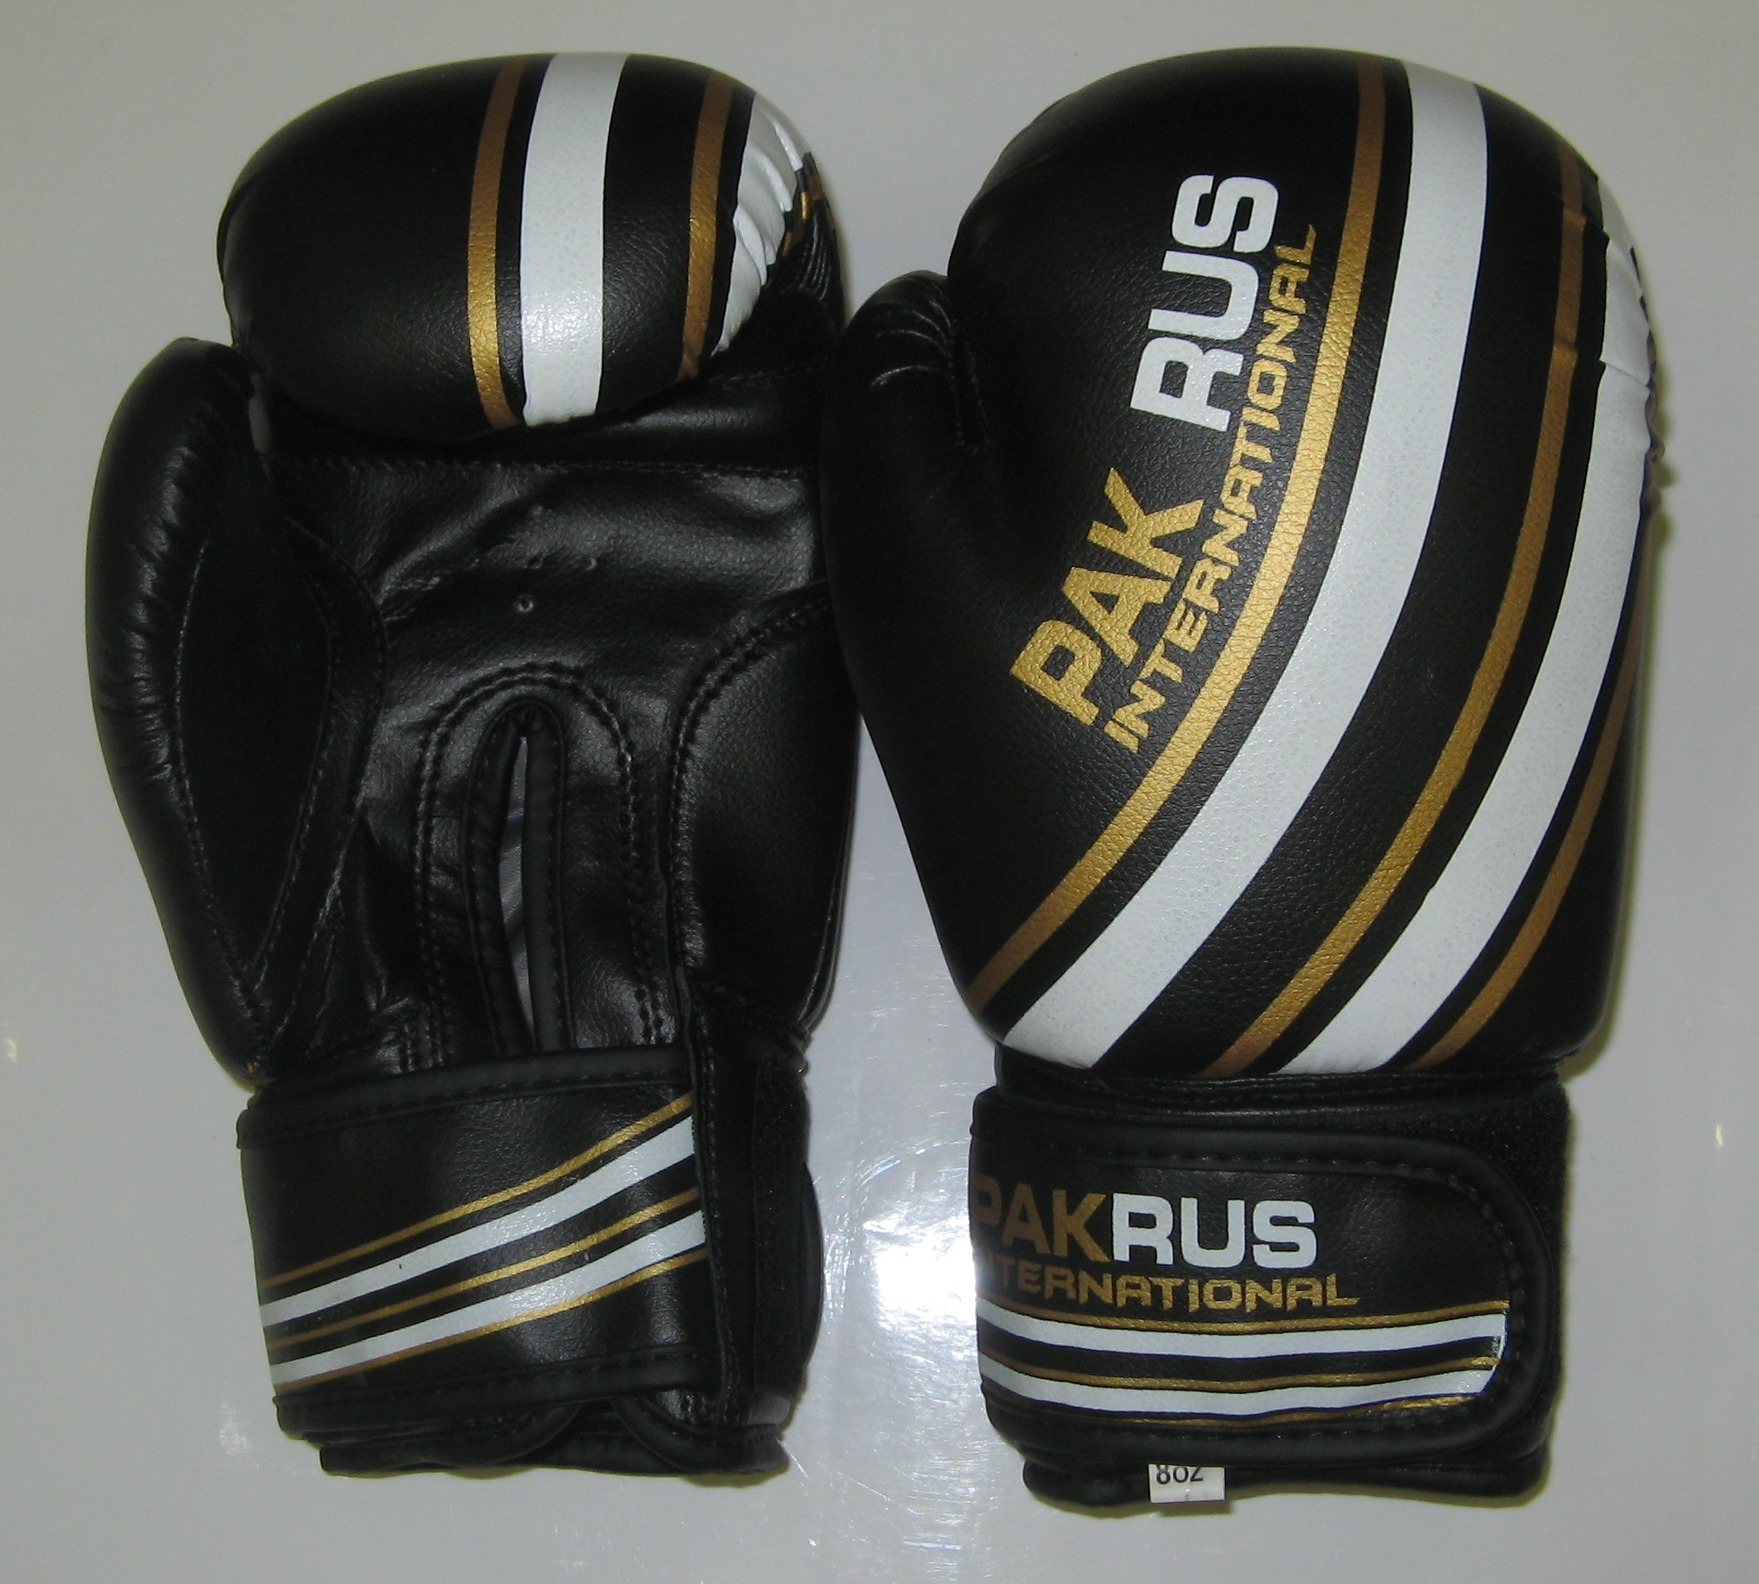 Перчатки боксерские Pak Rus, искусственная кожа, 4 OZ, PR-11-014 - артикул: 800930392